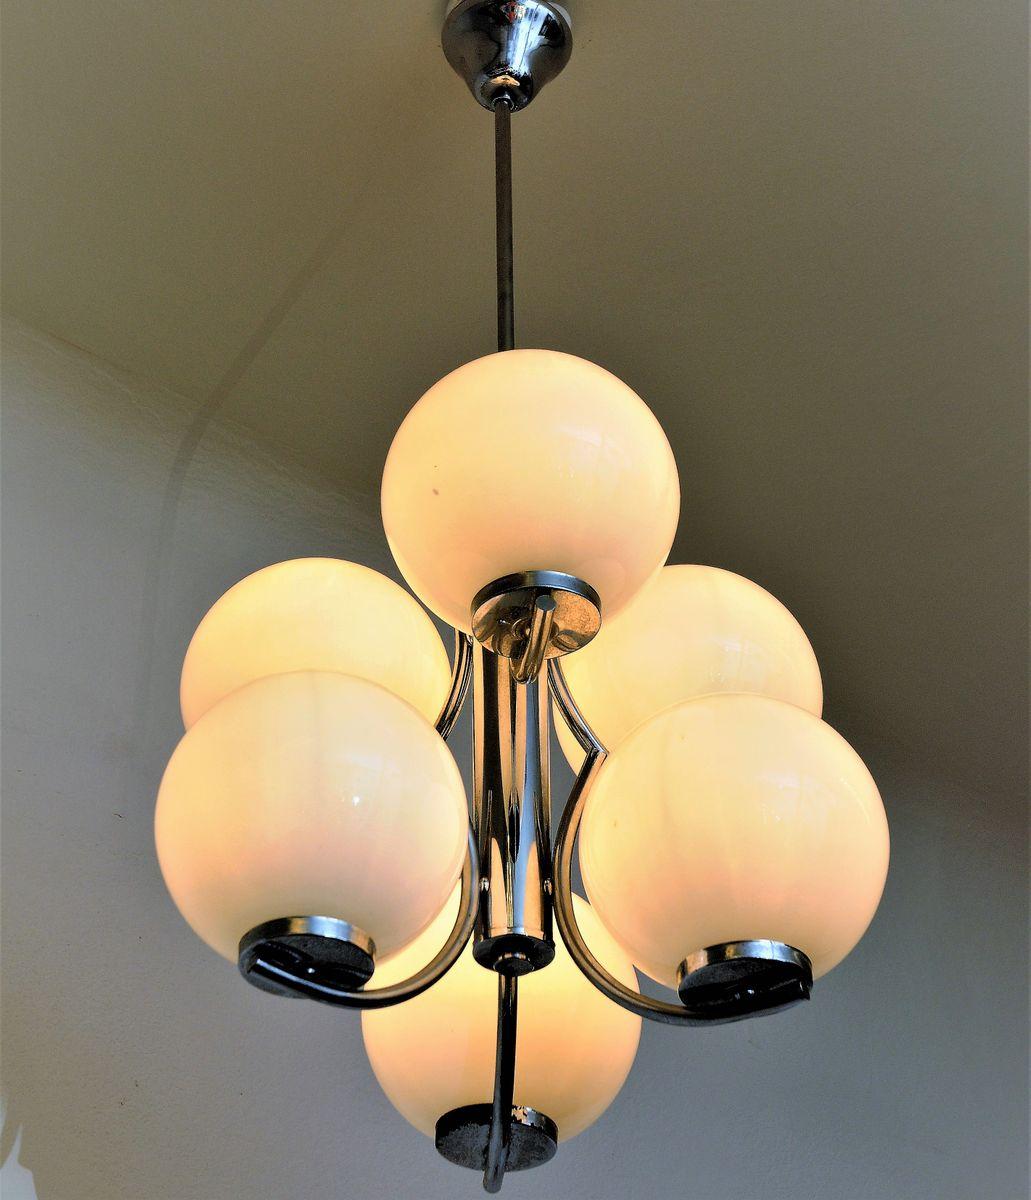 vintage deckenlampe aus glas bei pamono kaufen. Black Bedroom Furniture Sets. Home Design Ideas